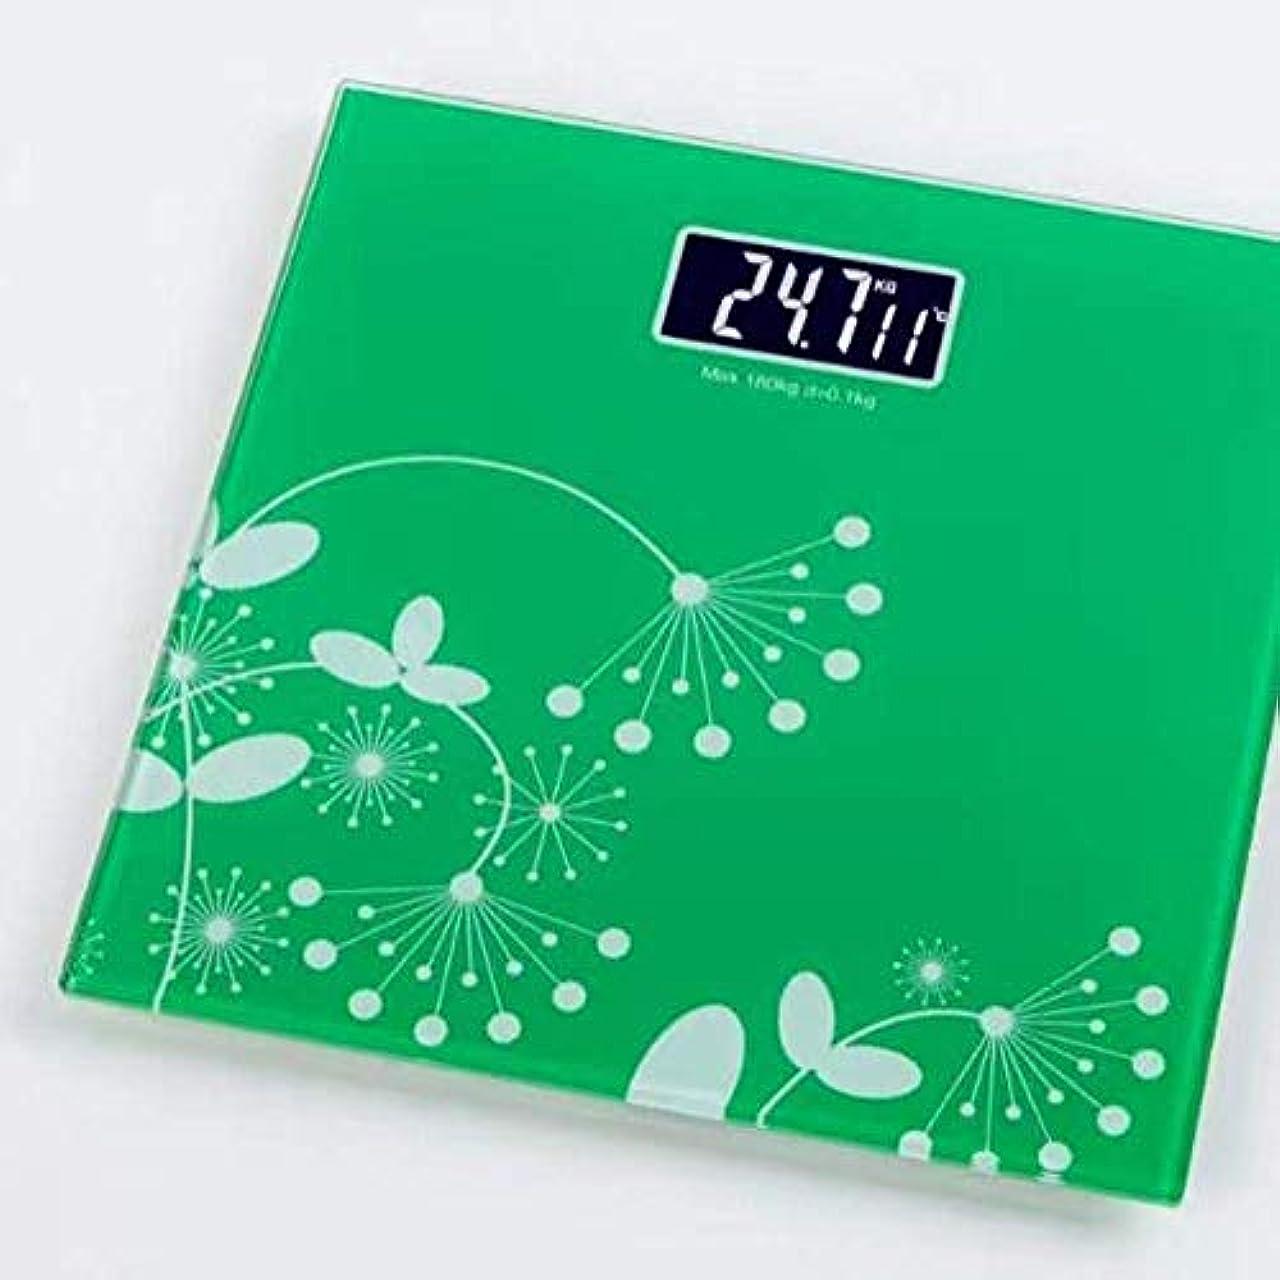 アクチュエータみすぼらしい矛盾する体重計、デジタルはかり、ミニ電子はかり、健康体重計、人体電子はかり